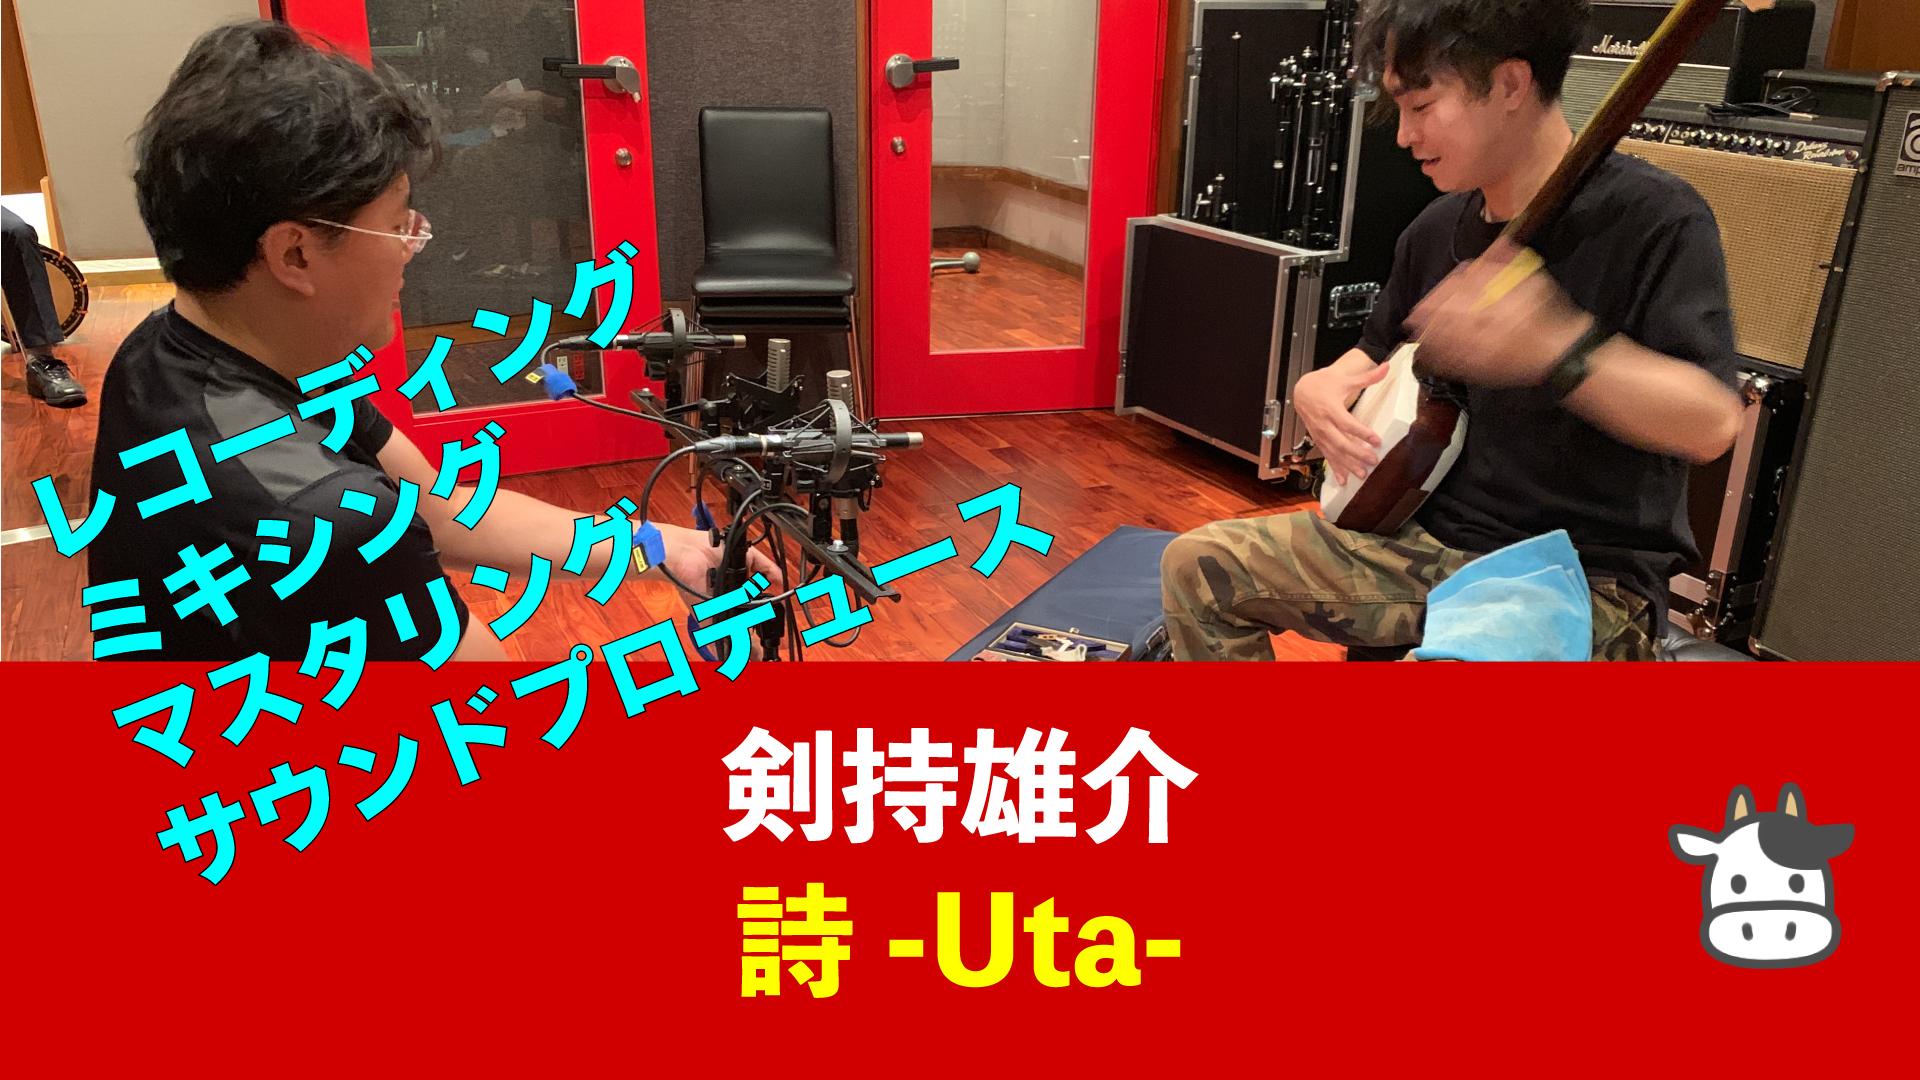 剣持雄介 -Uta- レコーディング ミキシング マスタリング サウンドプロデュース 民謡 録音